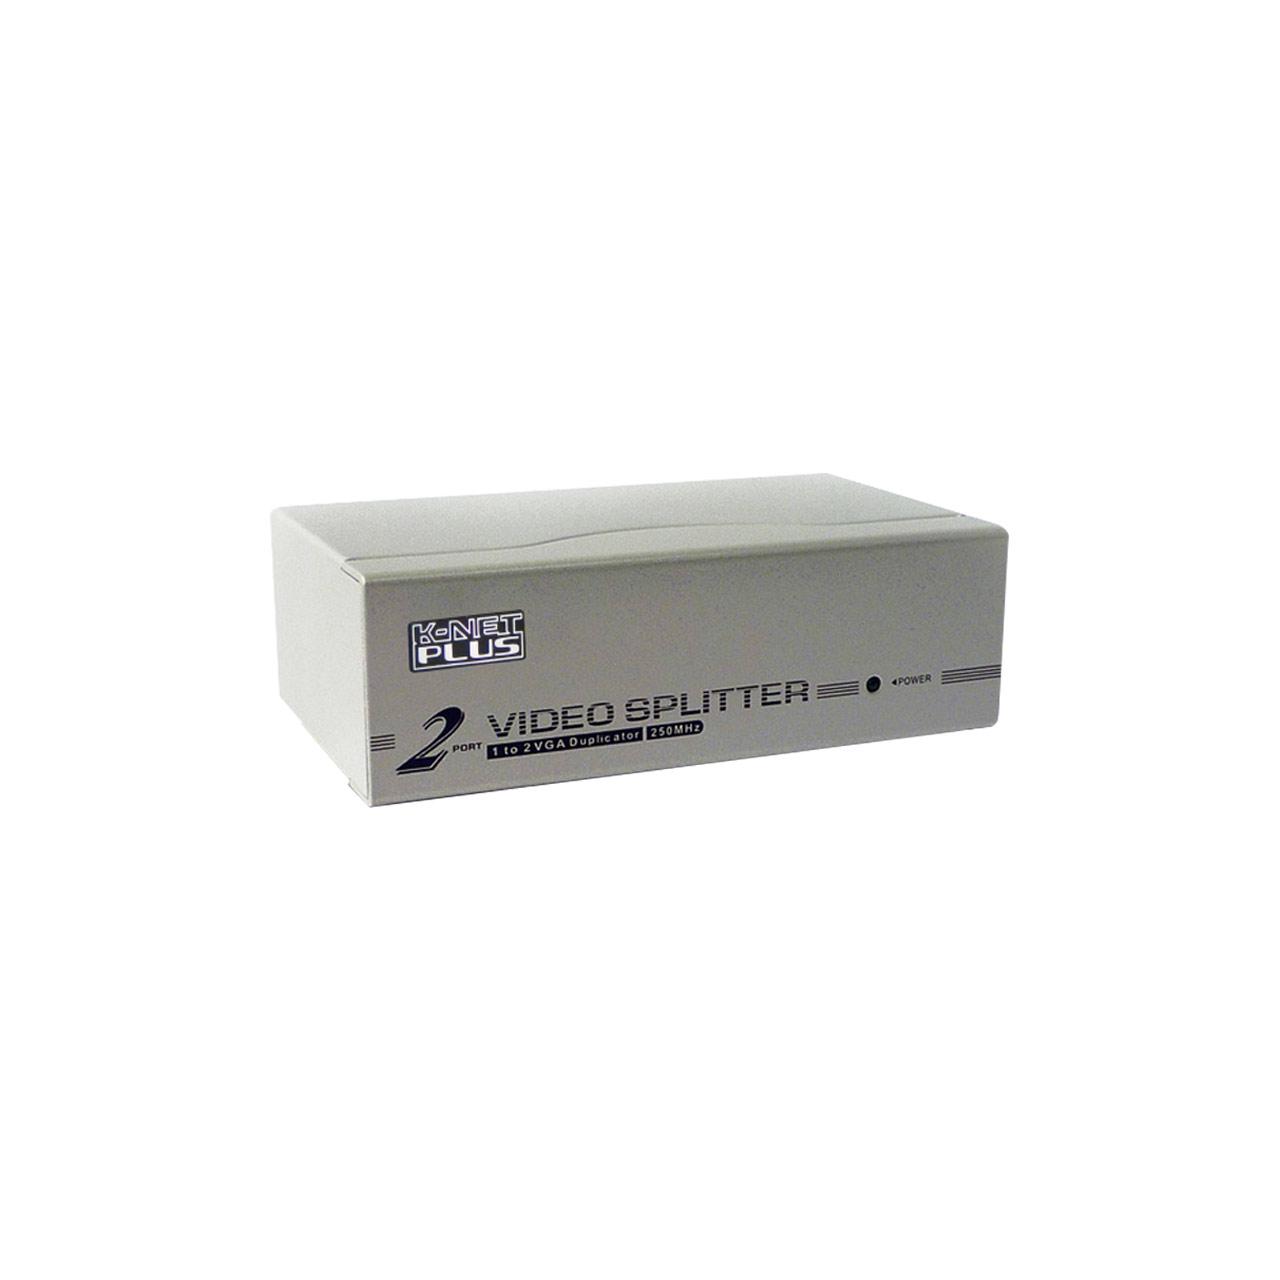 اسپلیتر VGA دو پورت کی نت پلاس مدل KPS632